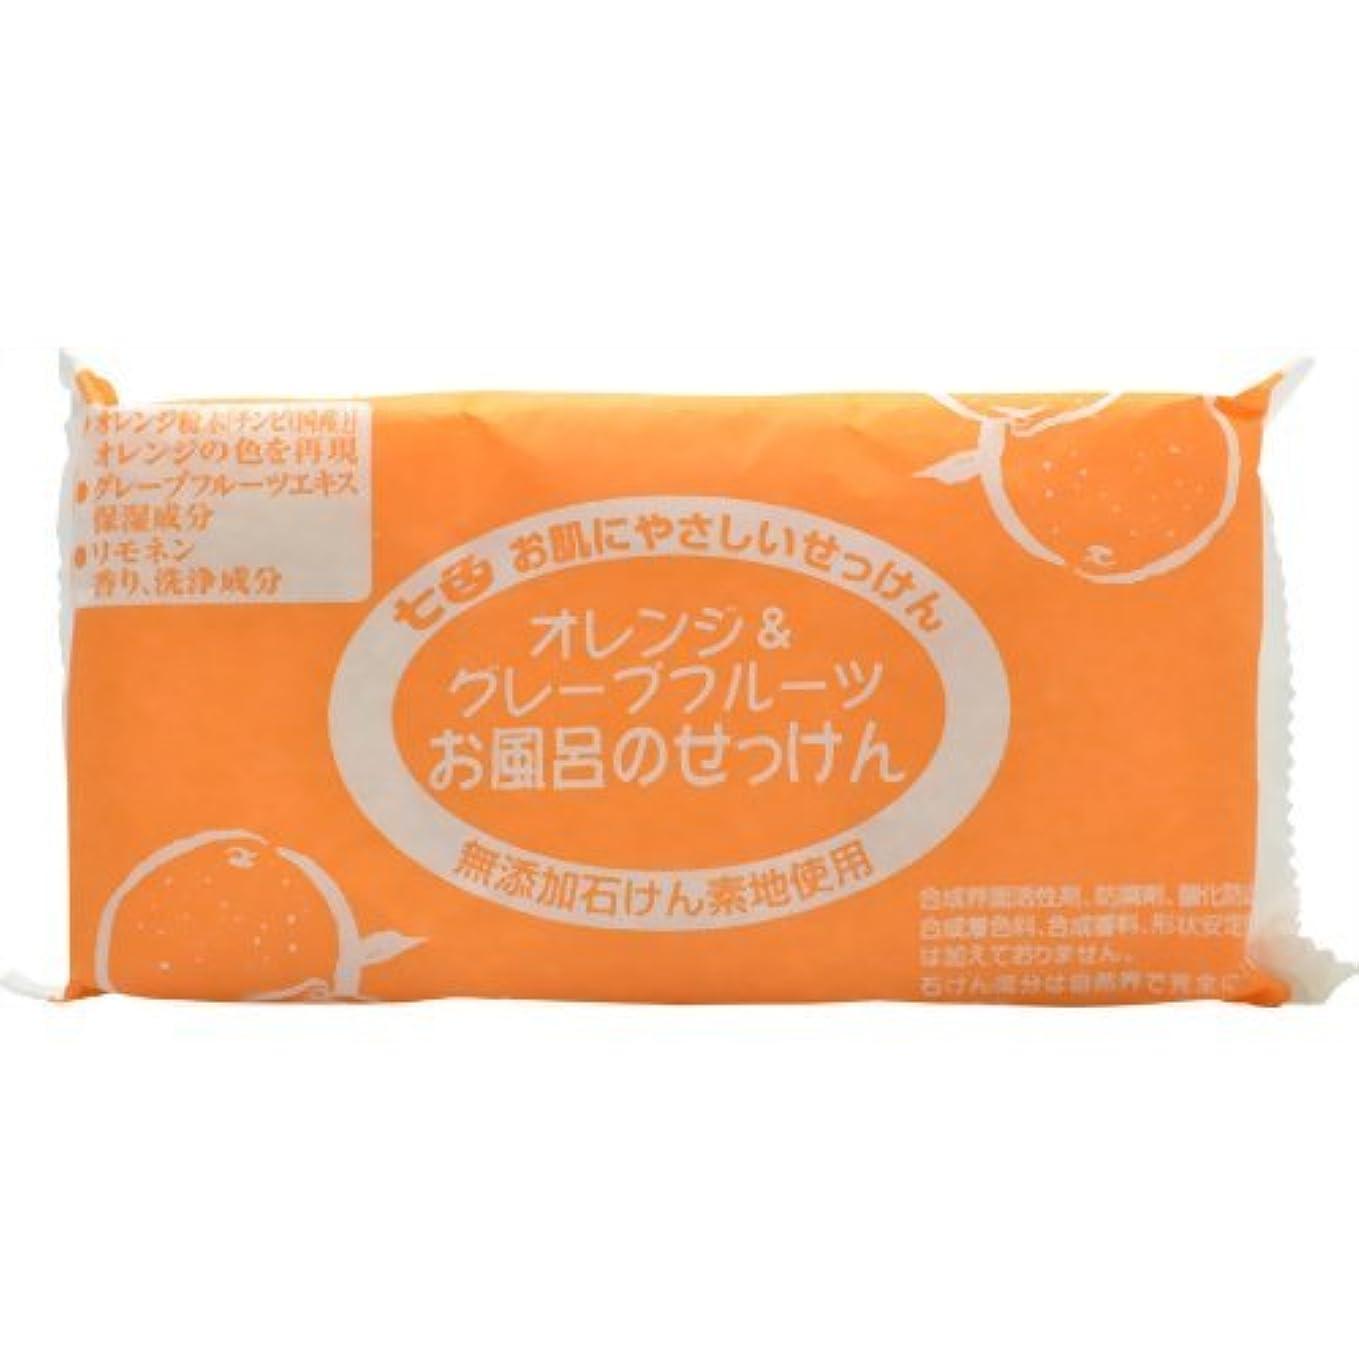 欺く原告おそらくまるは オレンジ&グレープフルーツ お風呂の石鹸 3個入り